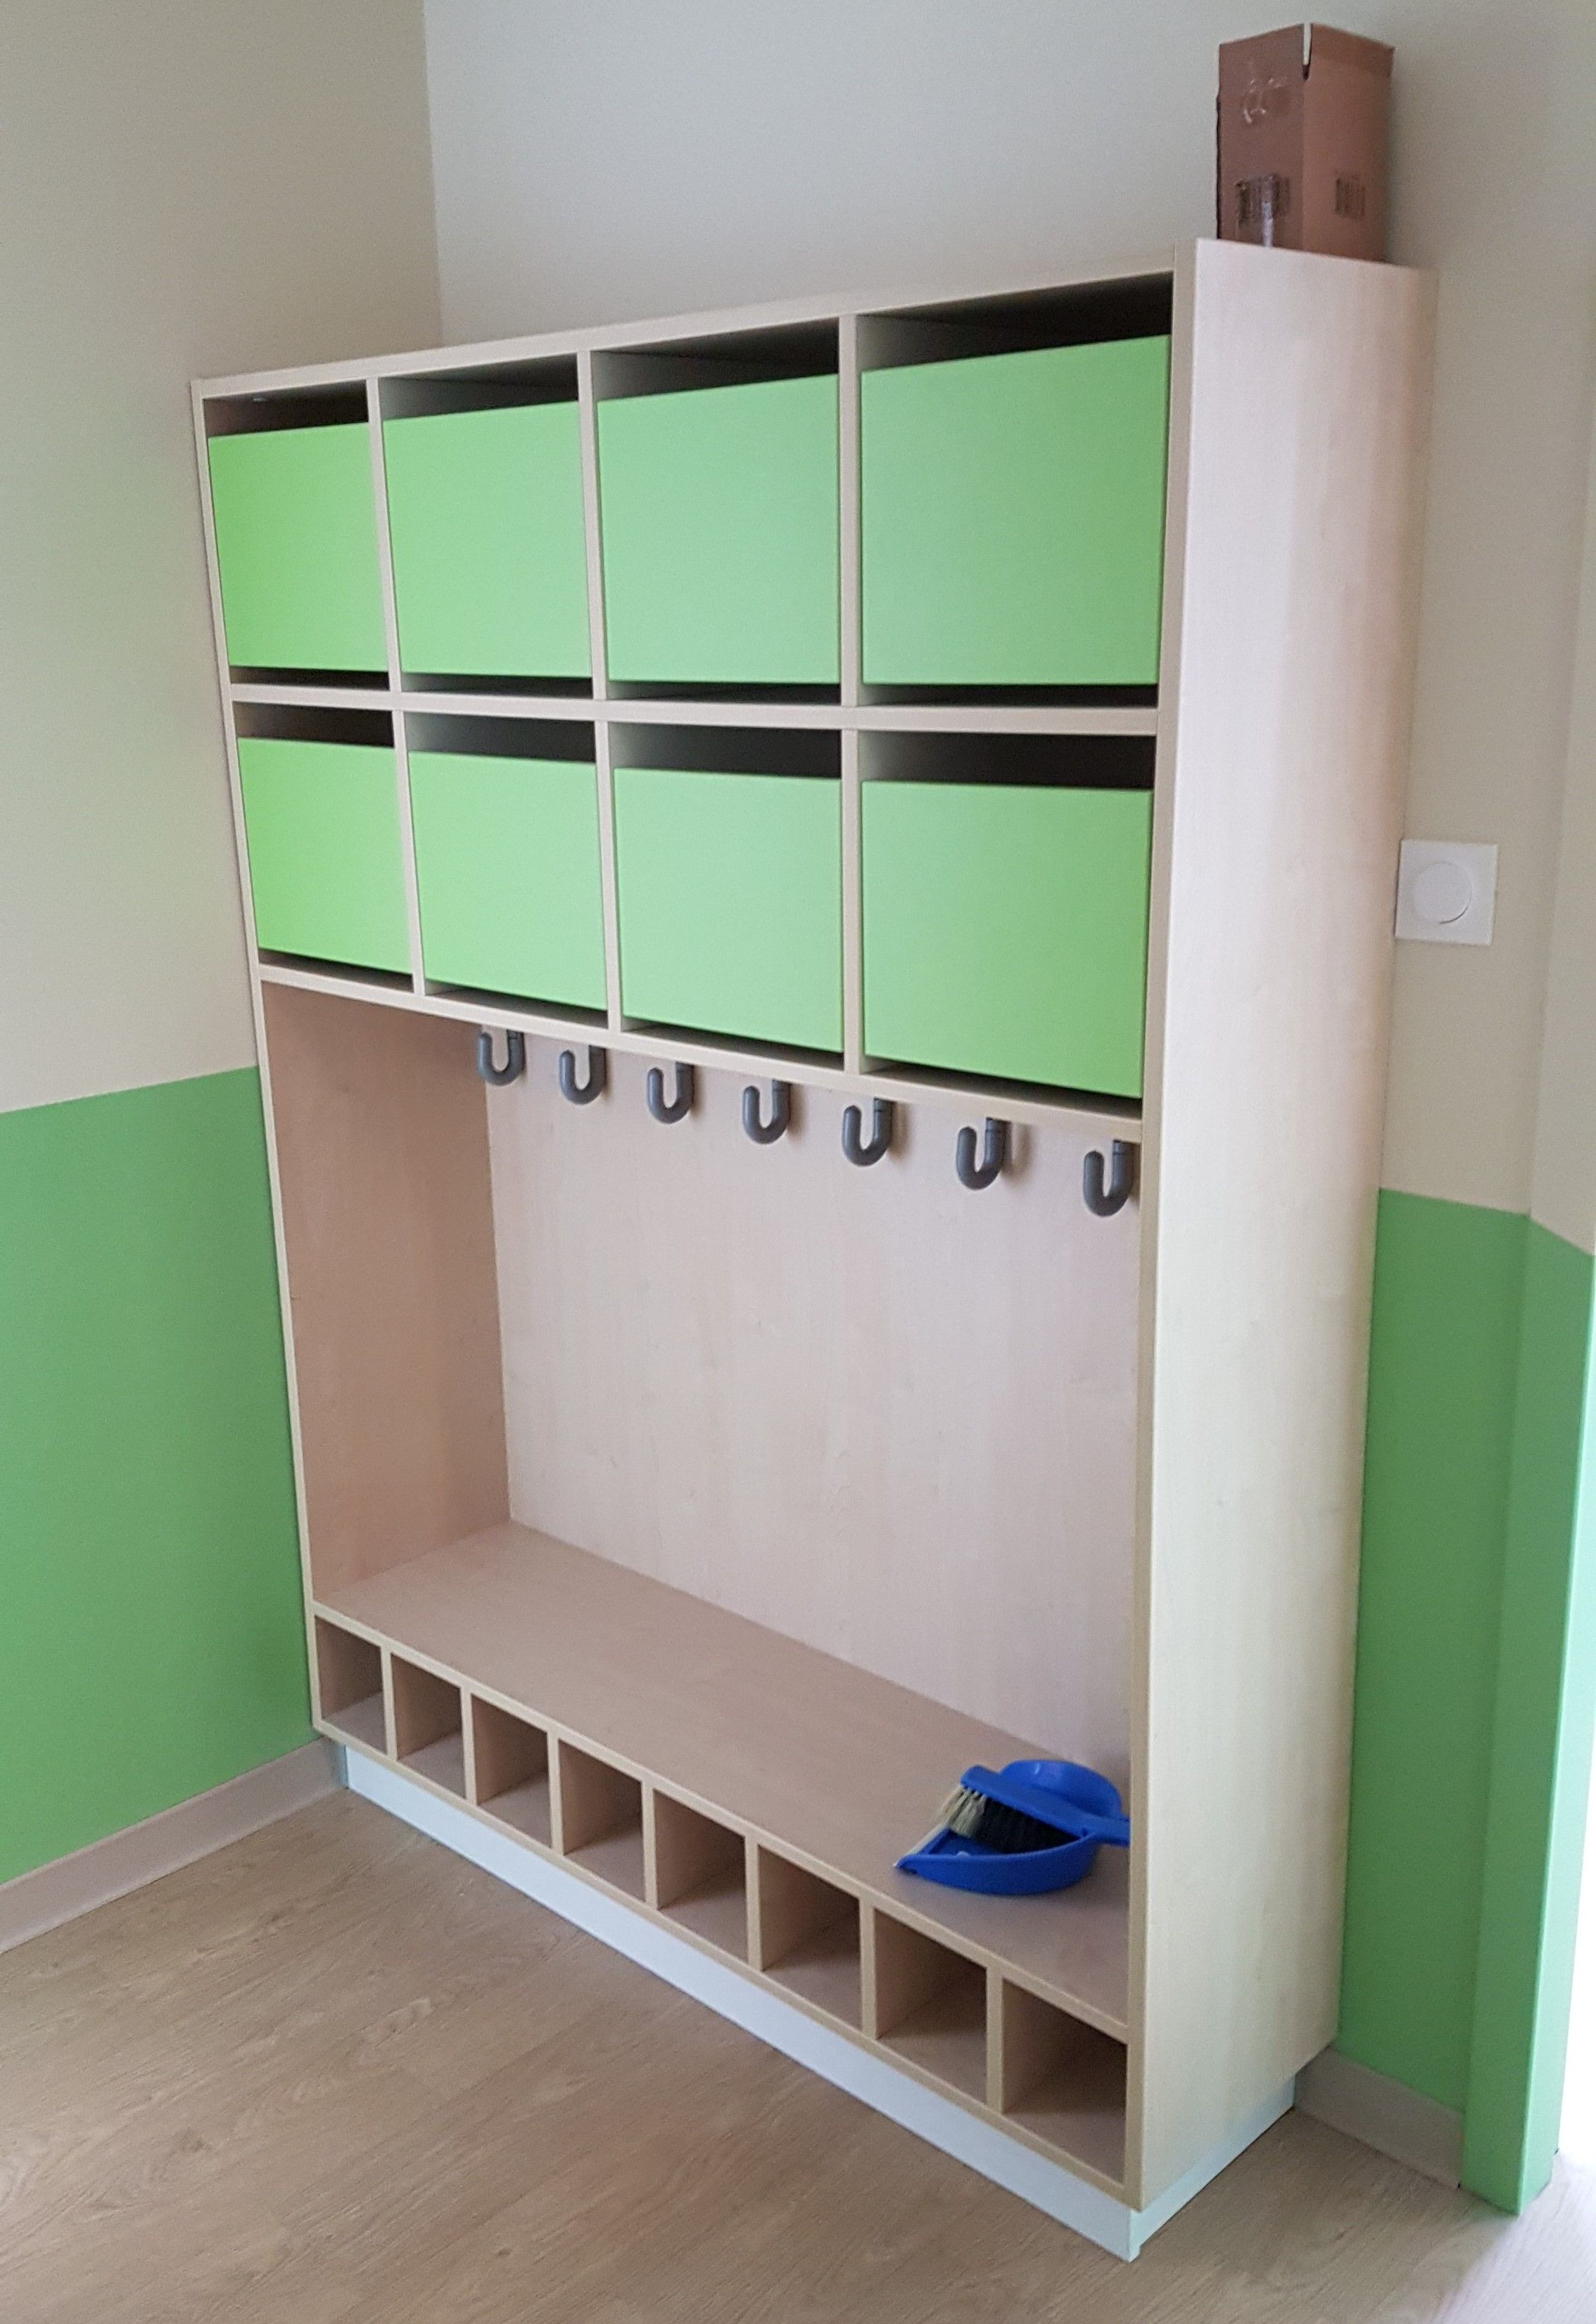 Meuble De Rangement Pour Garderie accueil crèche microcrèche vert pomme avec casiers et range